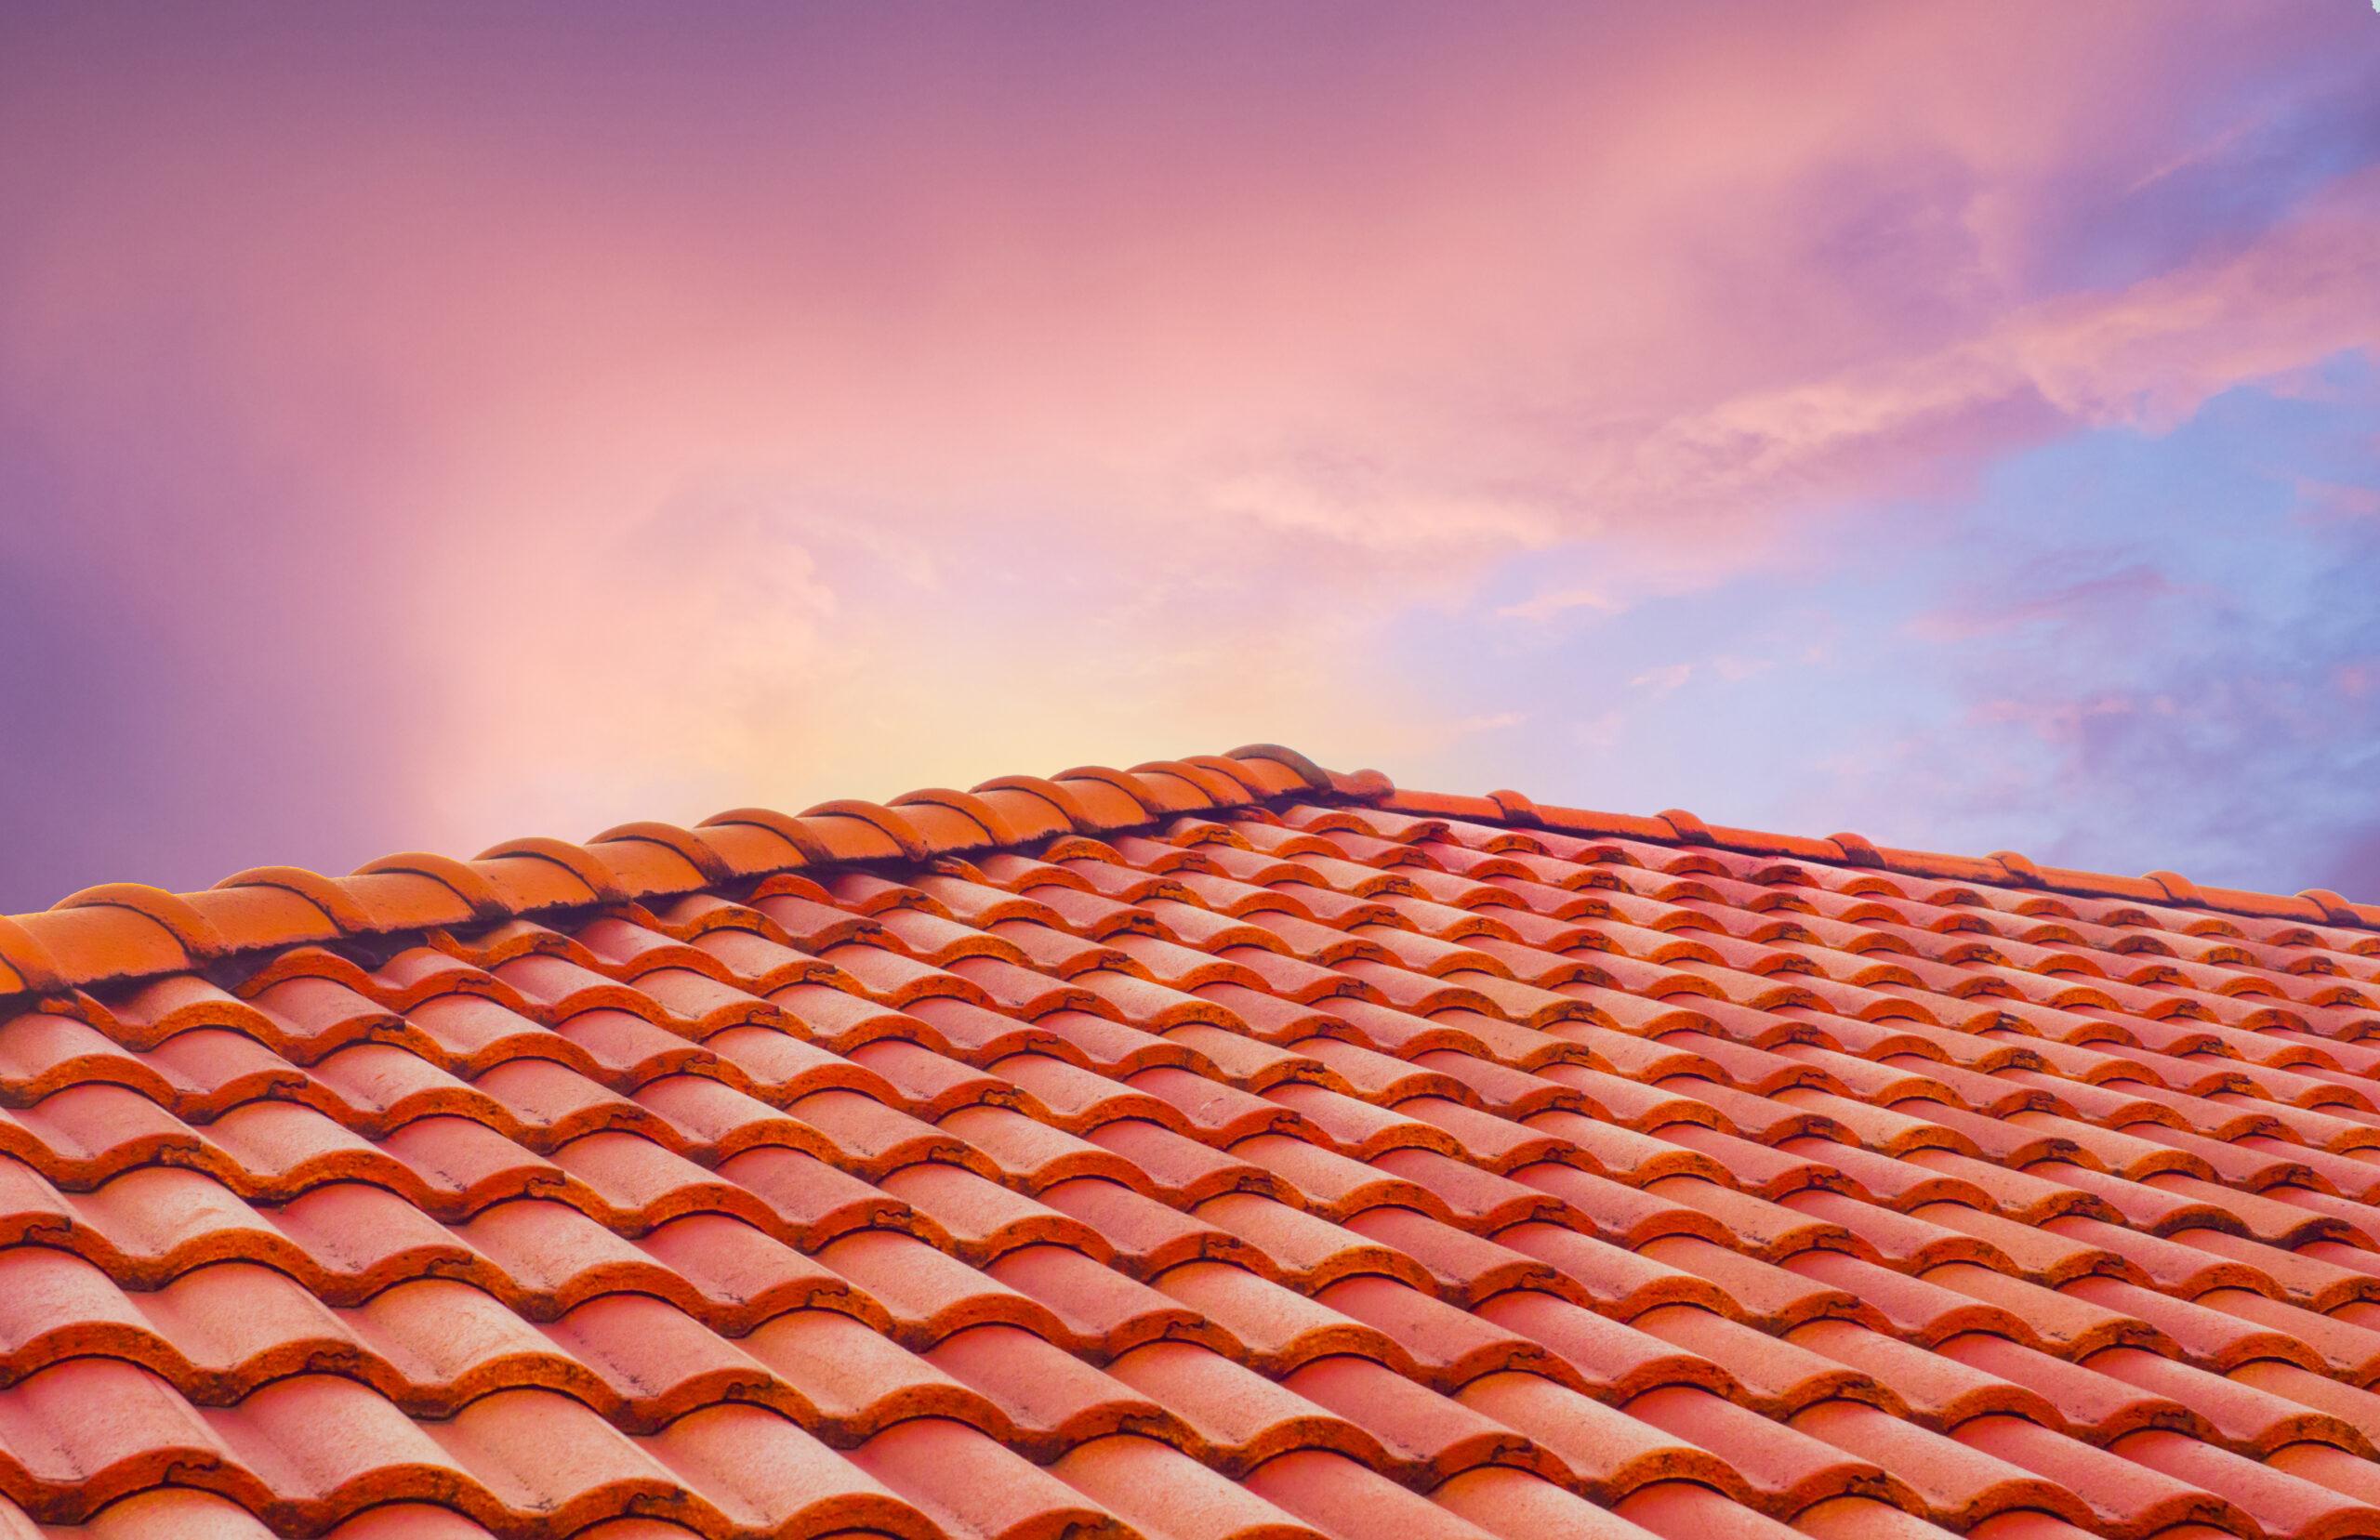 chaleur de la toiture et coucher de soleil